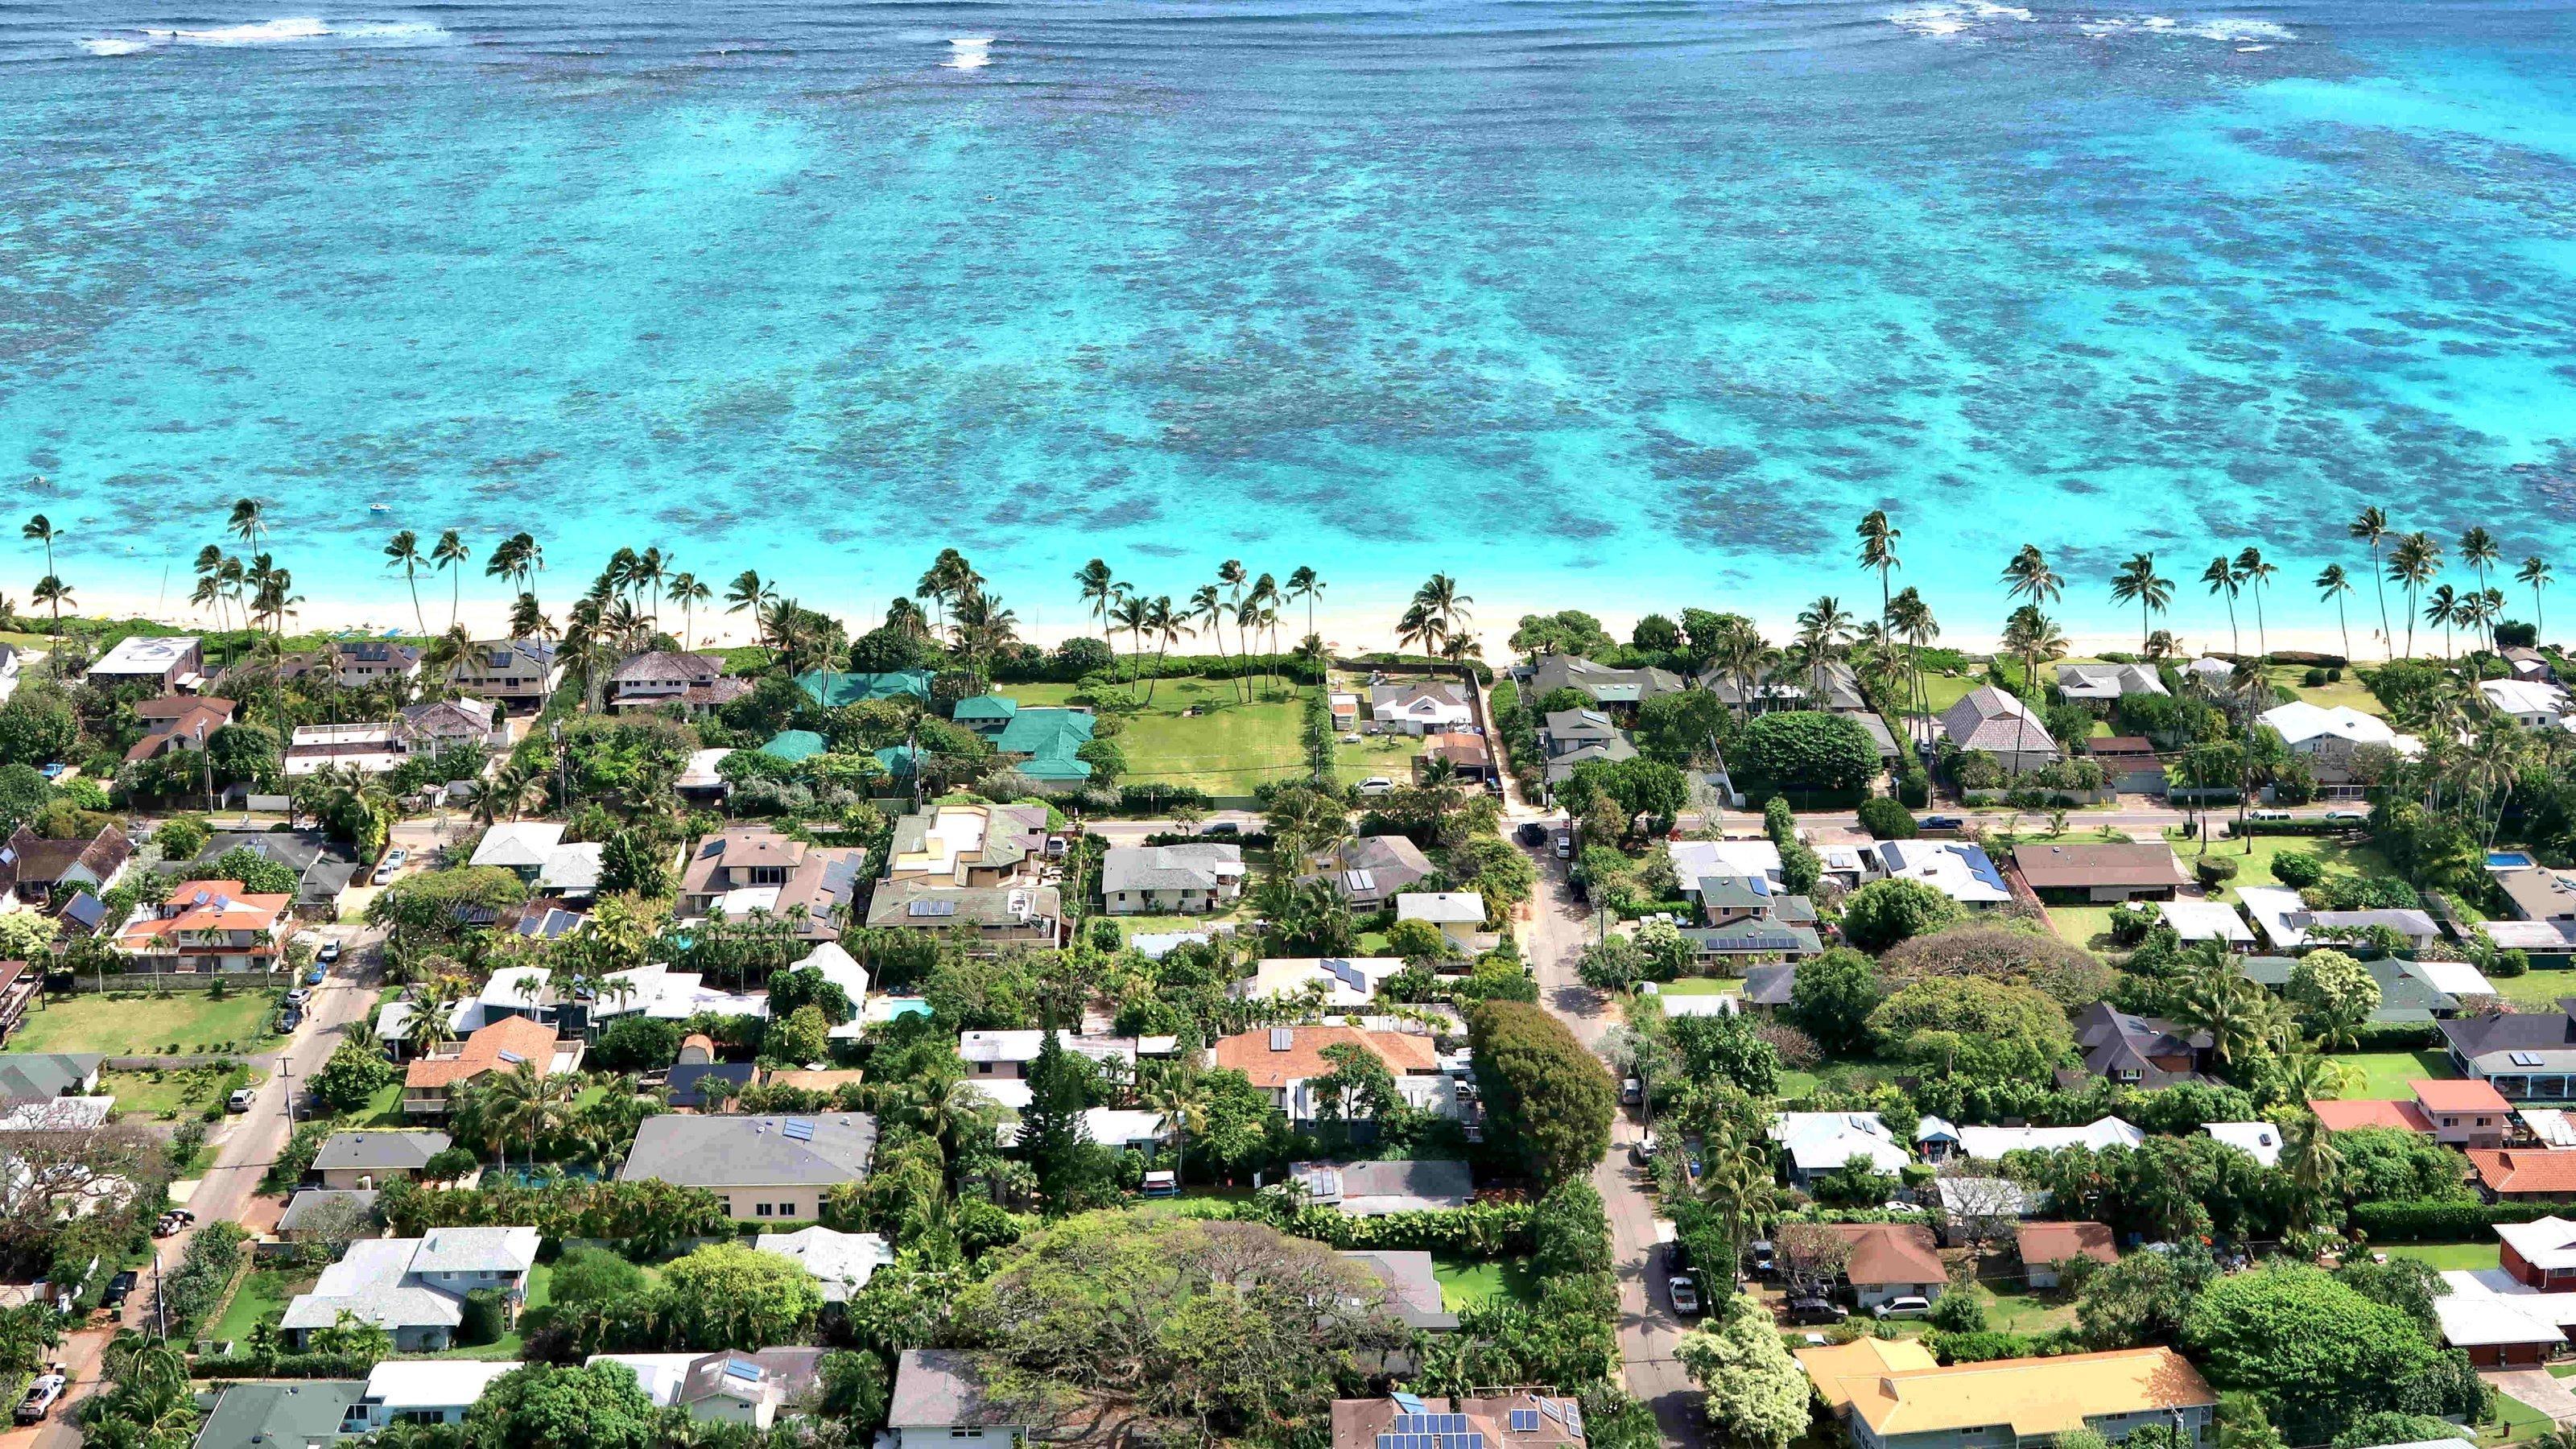 Vogelperspektive auf begrünten Wohnanlagen und Palmen am blauen Meer.